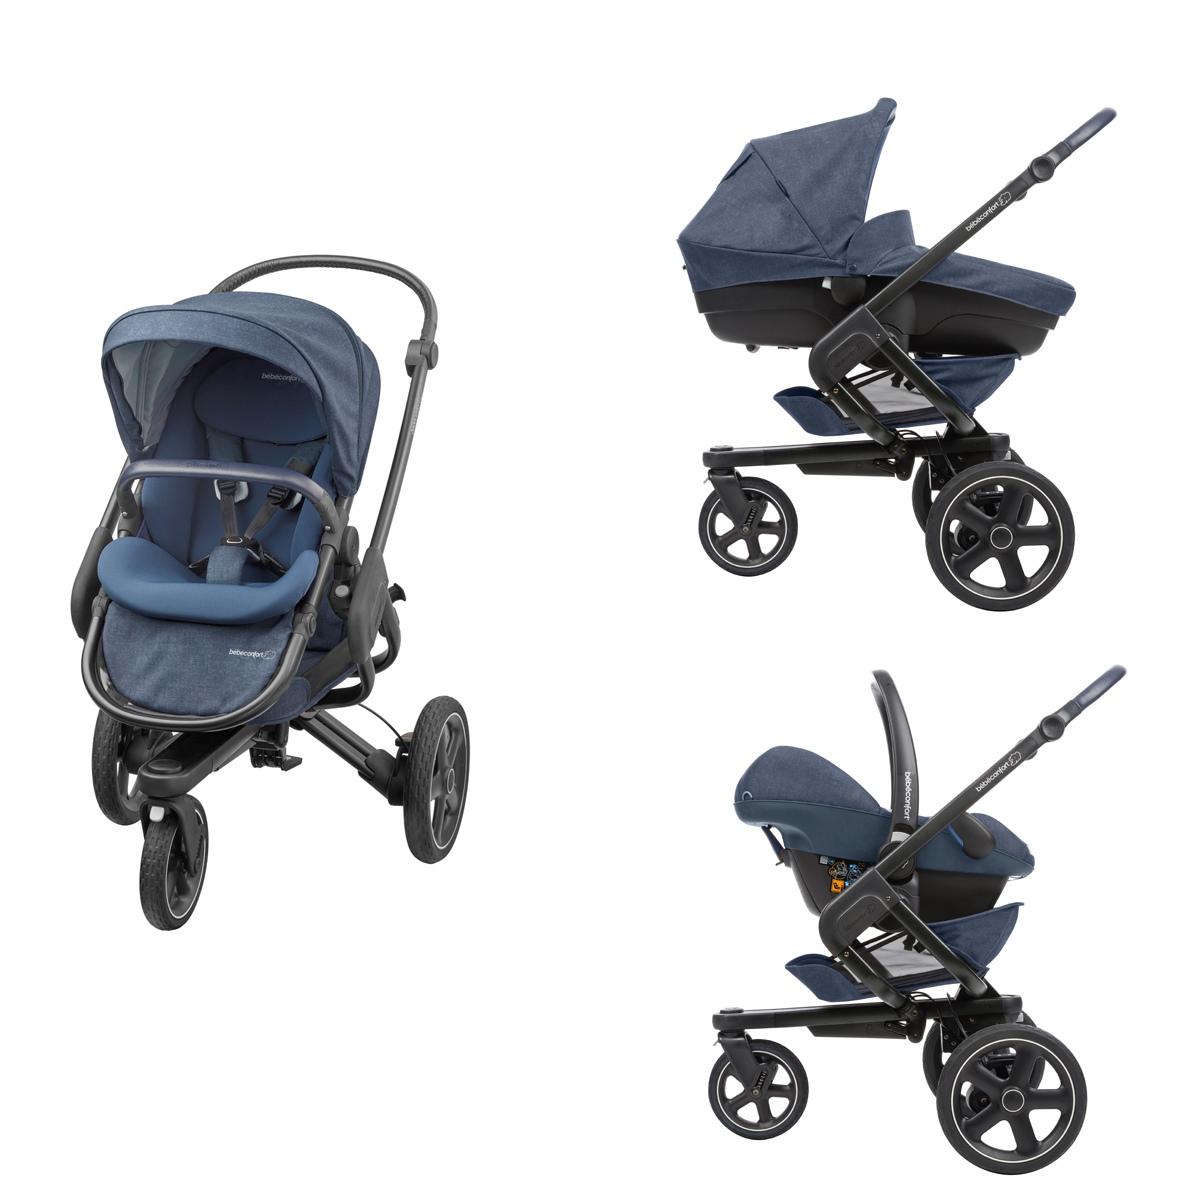 b b confort poussette de naissance nova 3 roues nomad blue poussette citadine b b confort. Black Bedroom Furniture Sets. Home Design Ideas